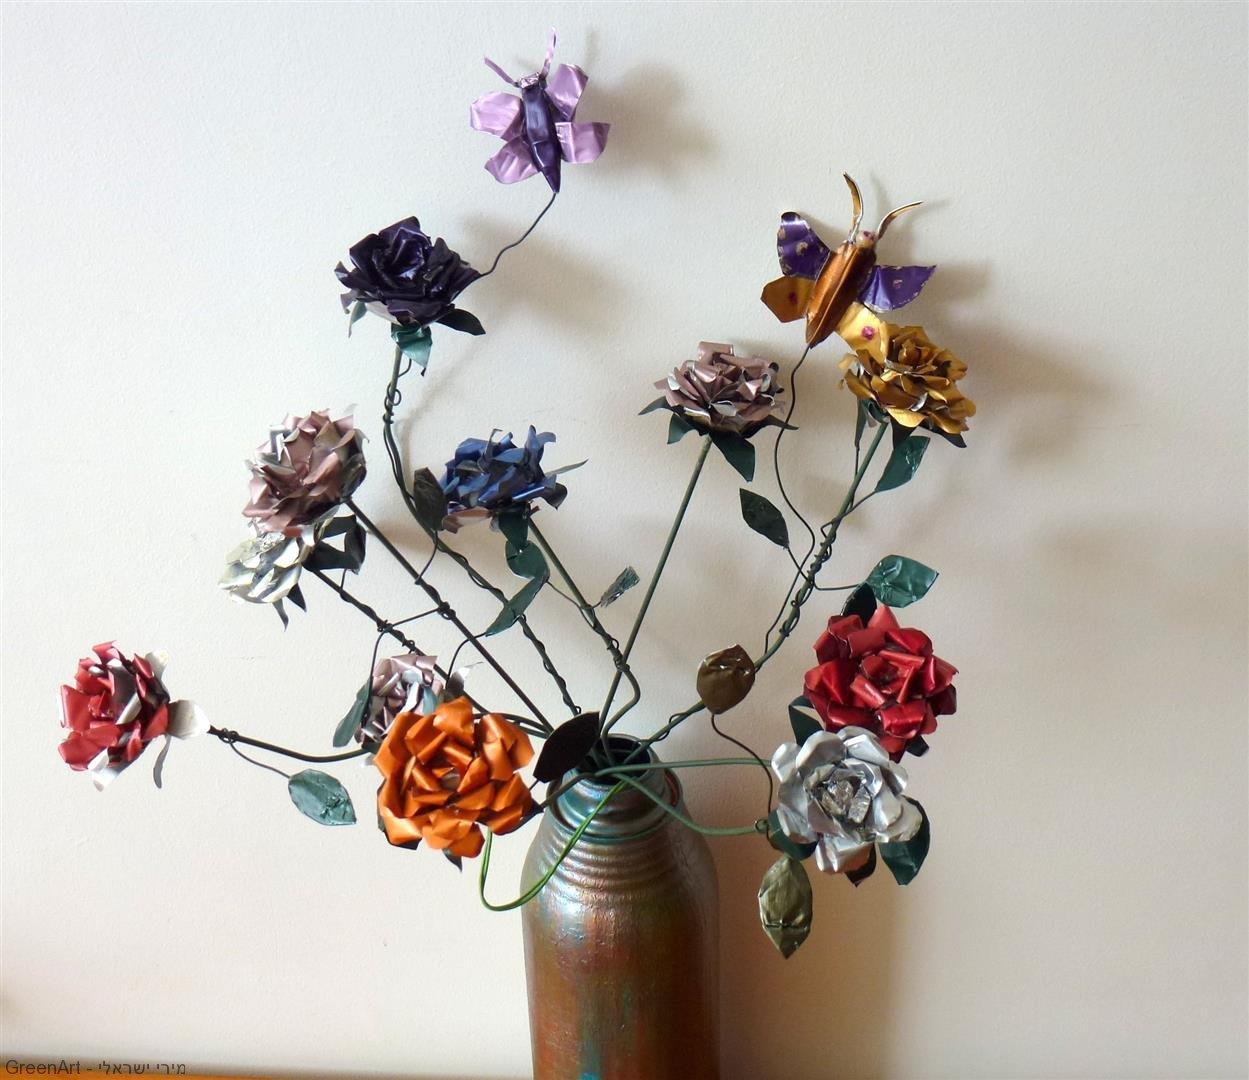 פריחה צבעונית מרהיבה מפסולת מתכות ECO ART